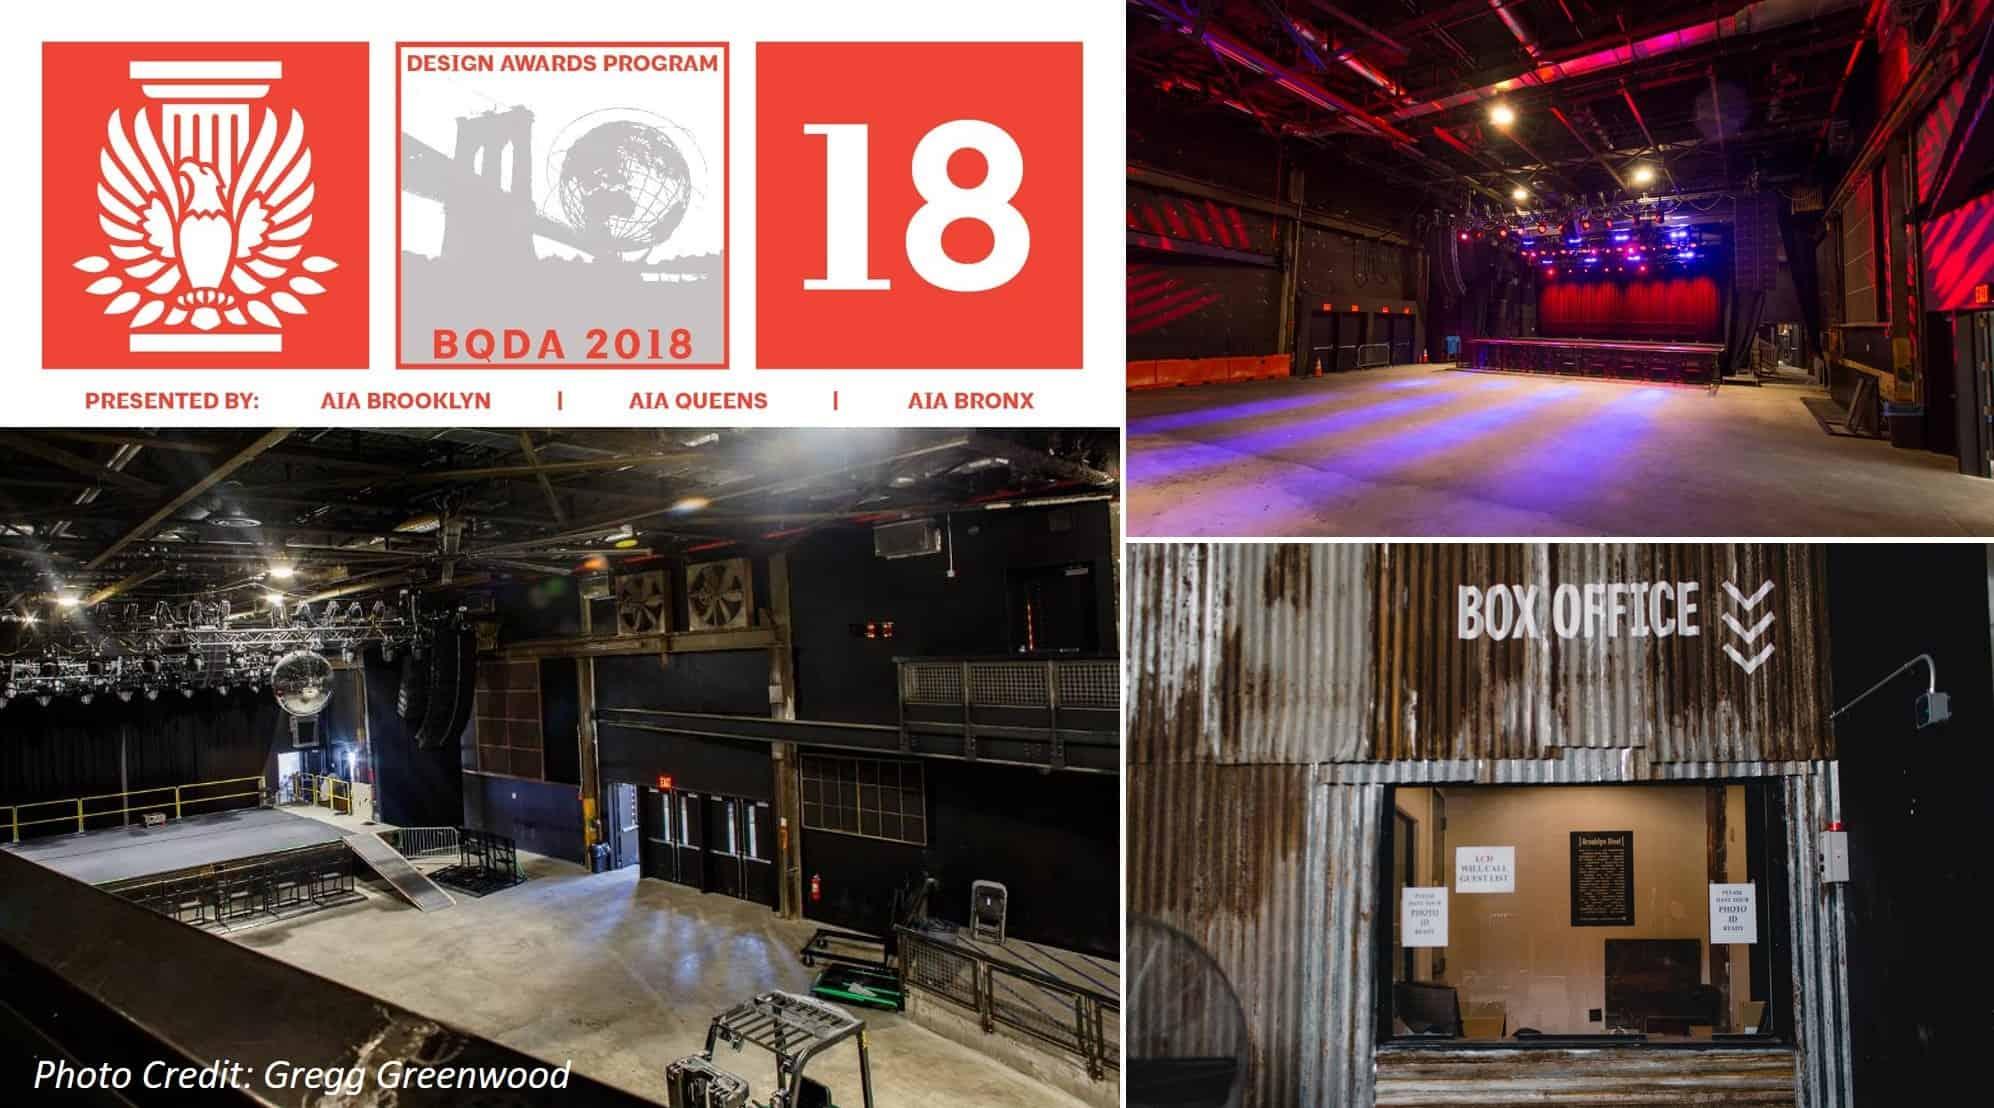 Brooklyn Steel 2018 BQDA Brooklyn People's Choice Award